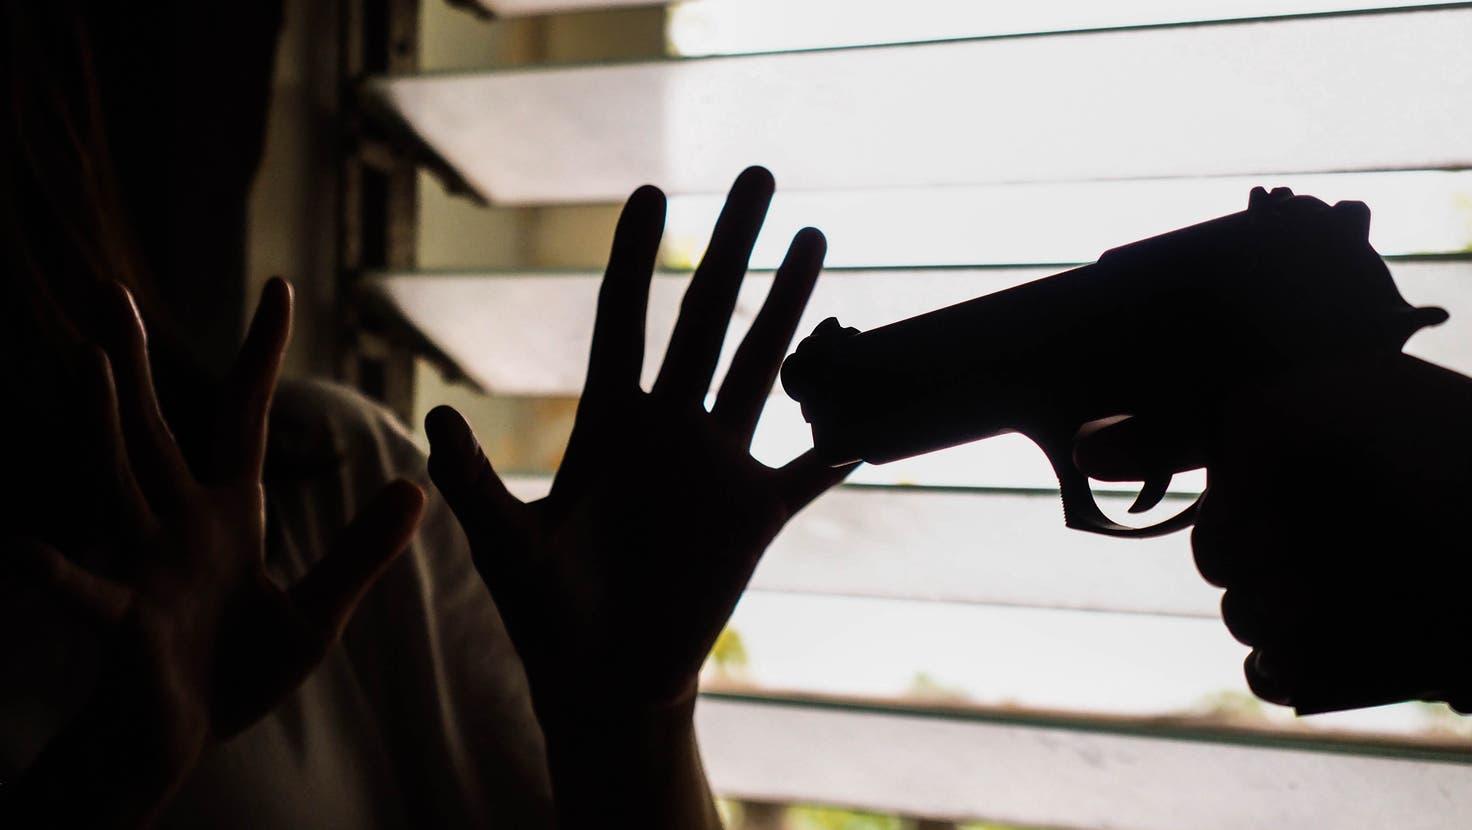 Es fielen mehrere Schüsse, Männer prügelten sich. Die Verhandlung am Dienstagmorgen platzte. (Symbolbild: Shutterstock)